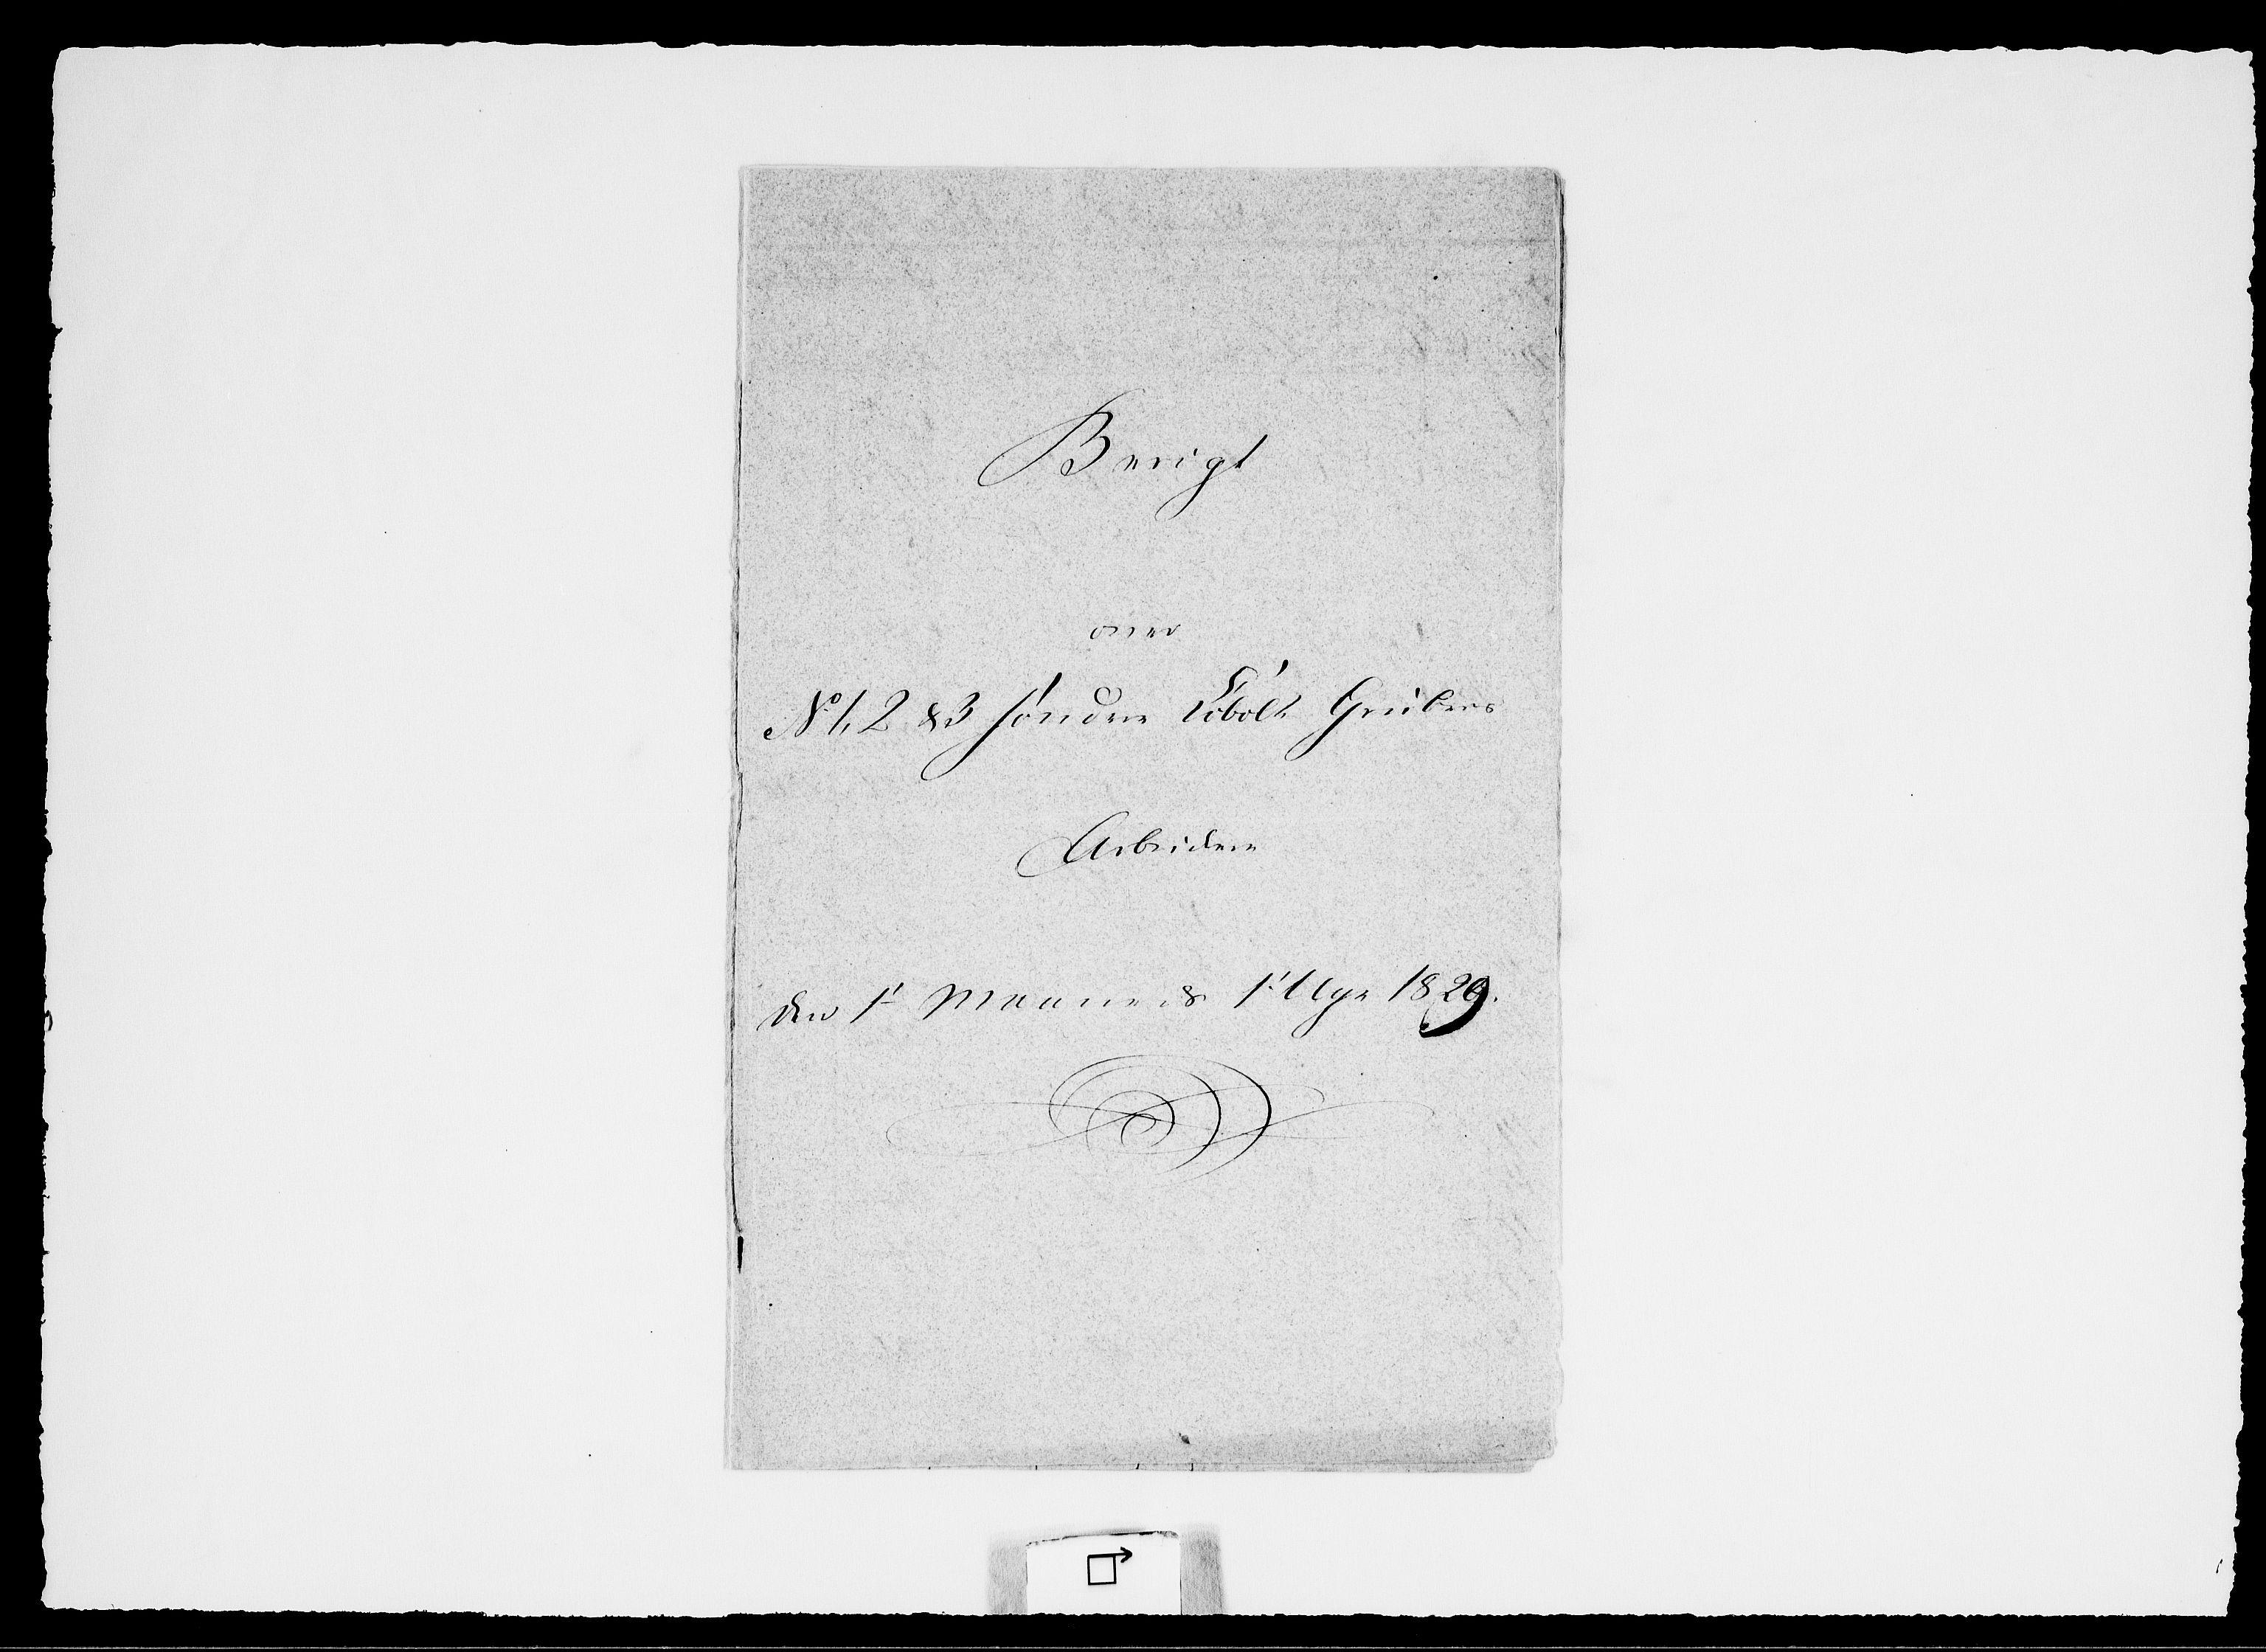 RA, Modums Blaafarveværk, G/Ge/L0332, 1829, s. 2